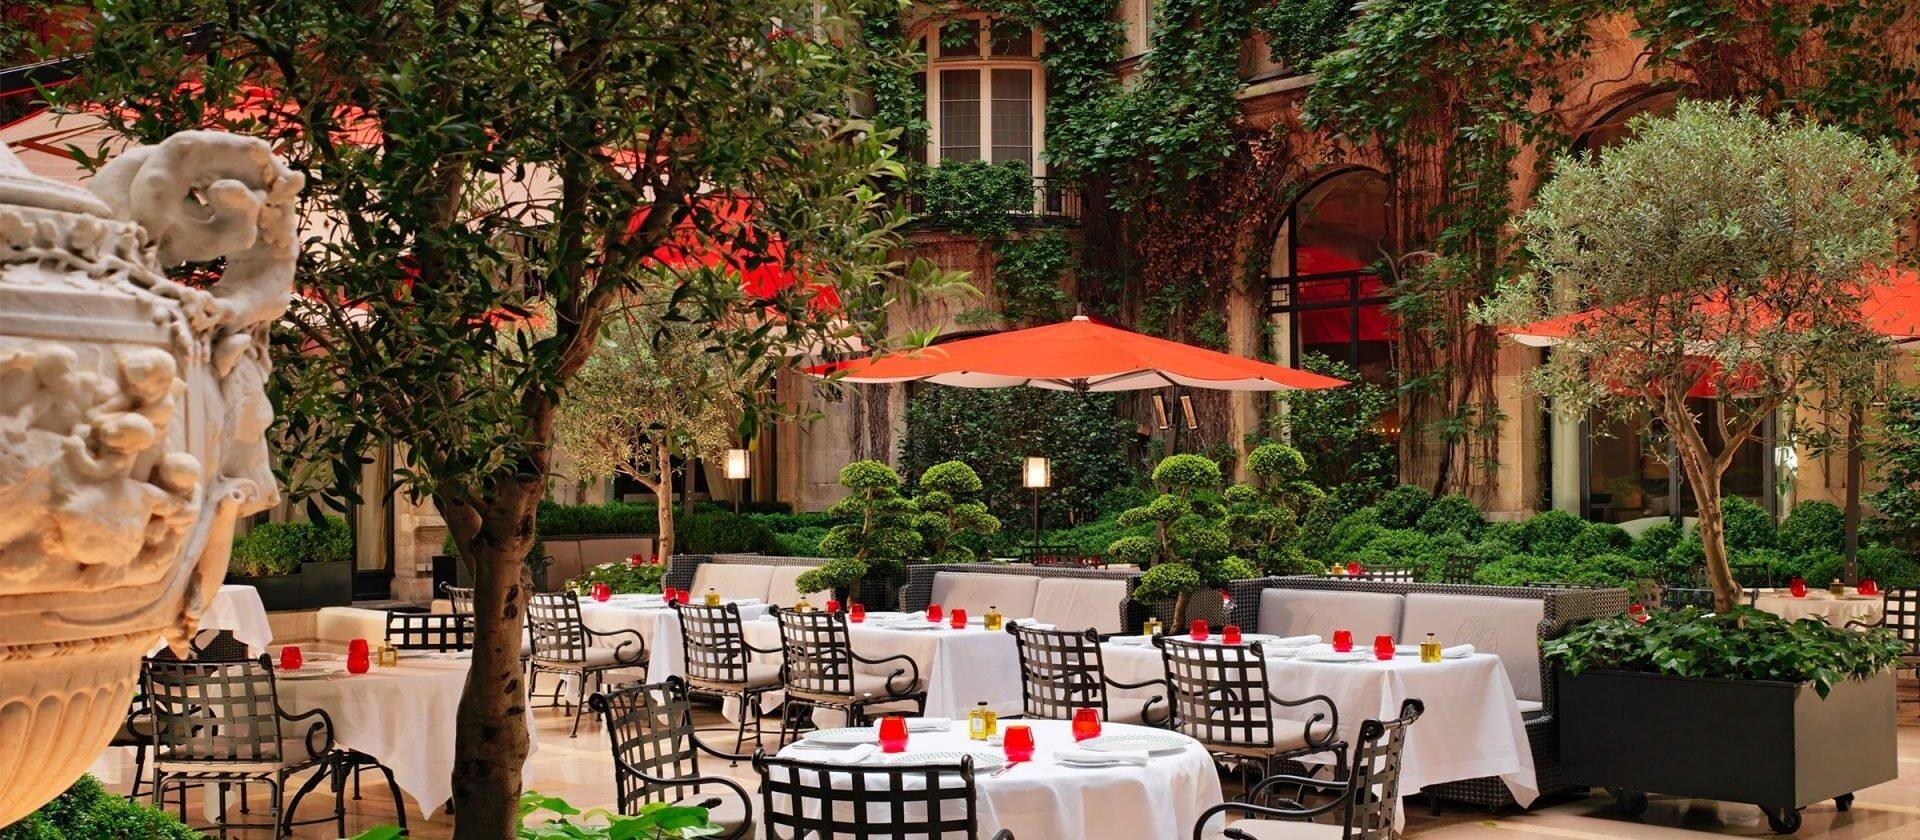 La Cour Jardin - Paris - Hotel Plaza Athénée | Dorchester Collection